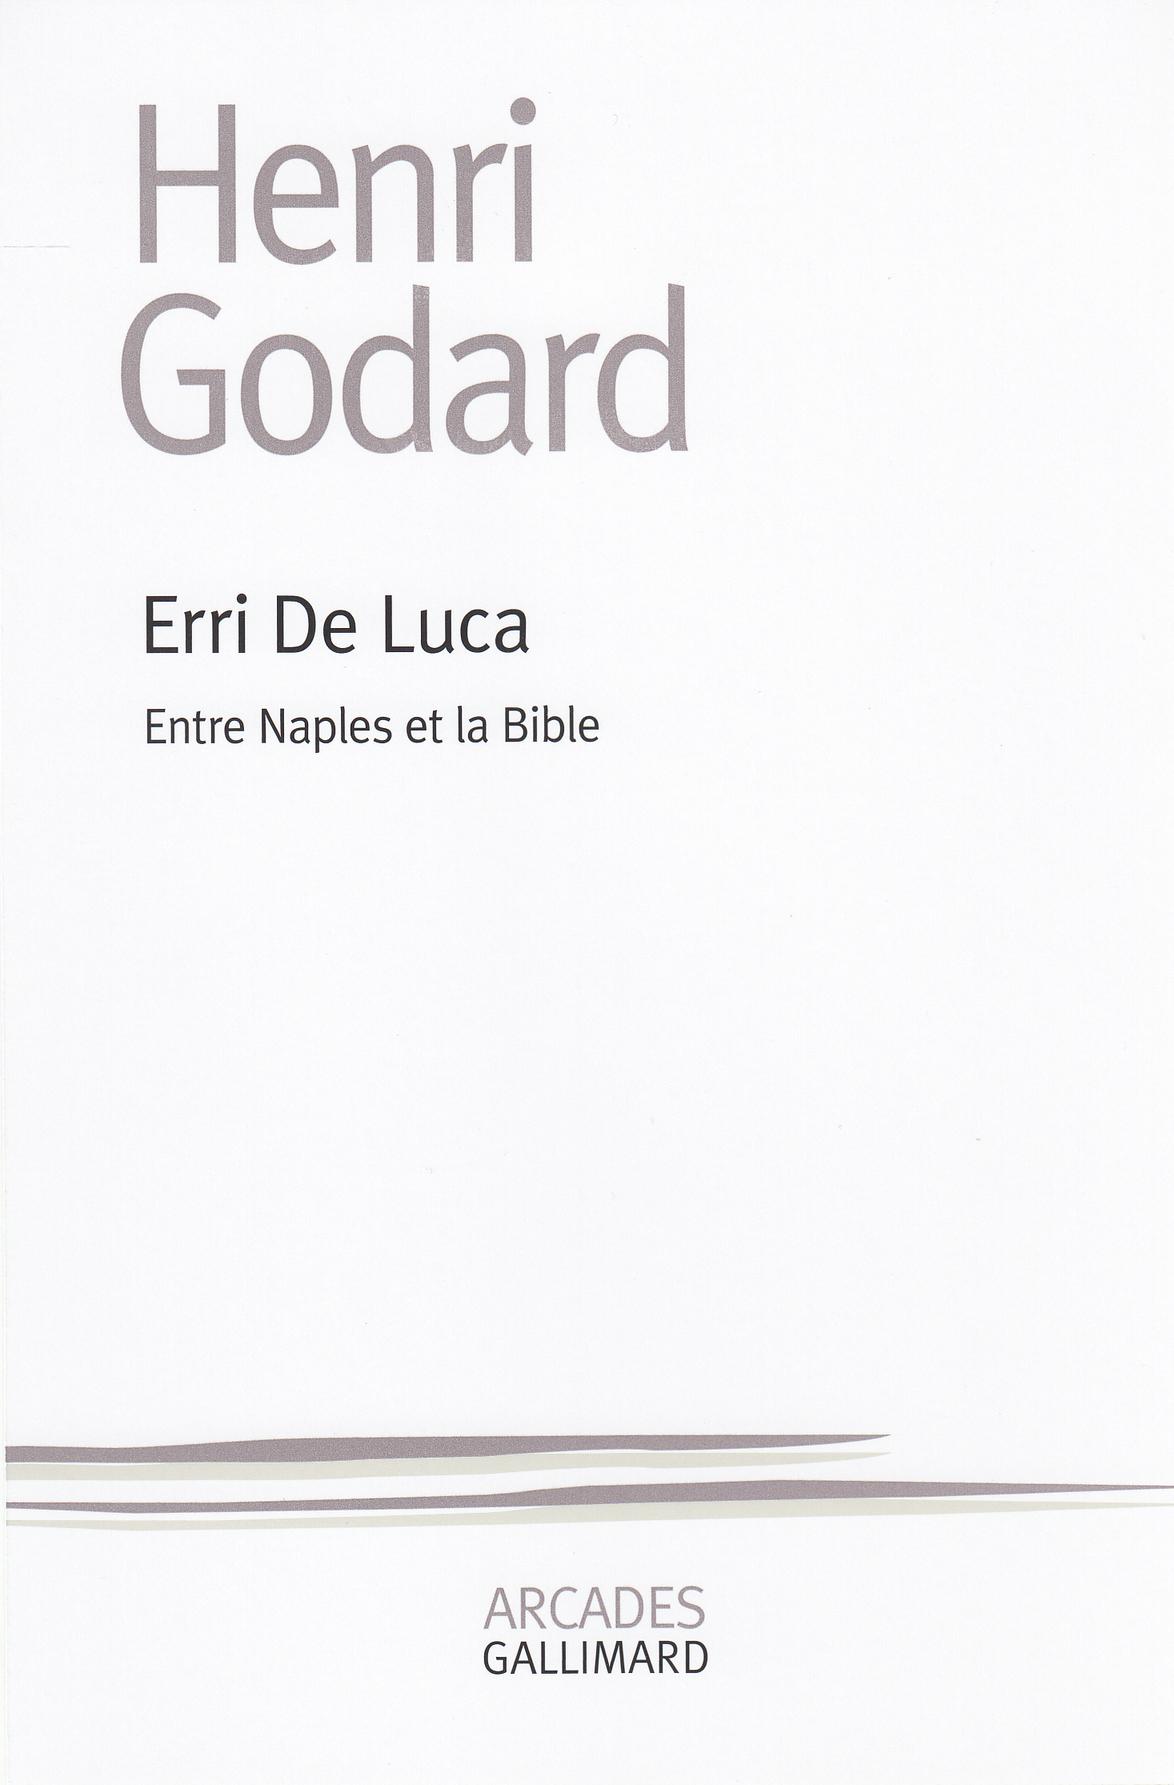 H. Godard, Erri de Luca. Entre Naples et la Bible